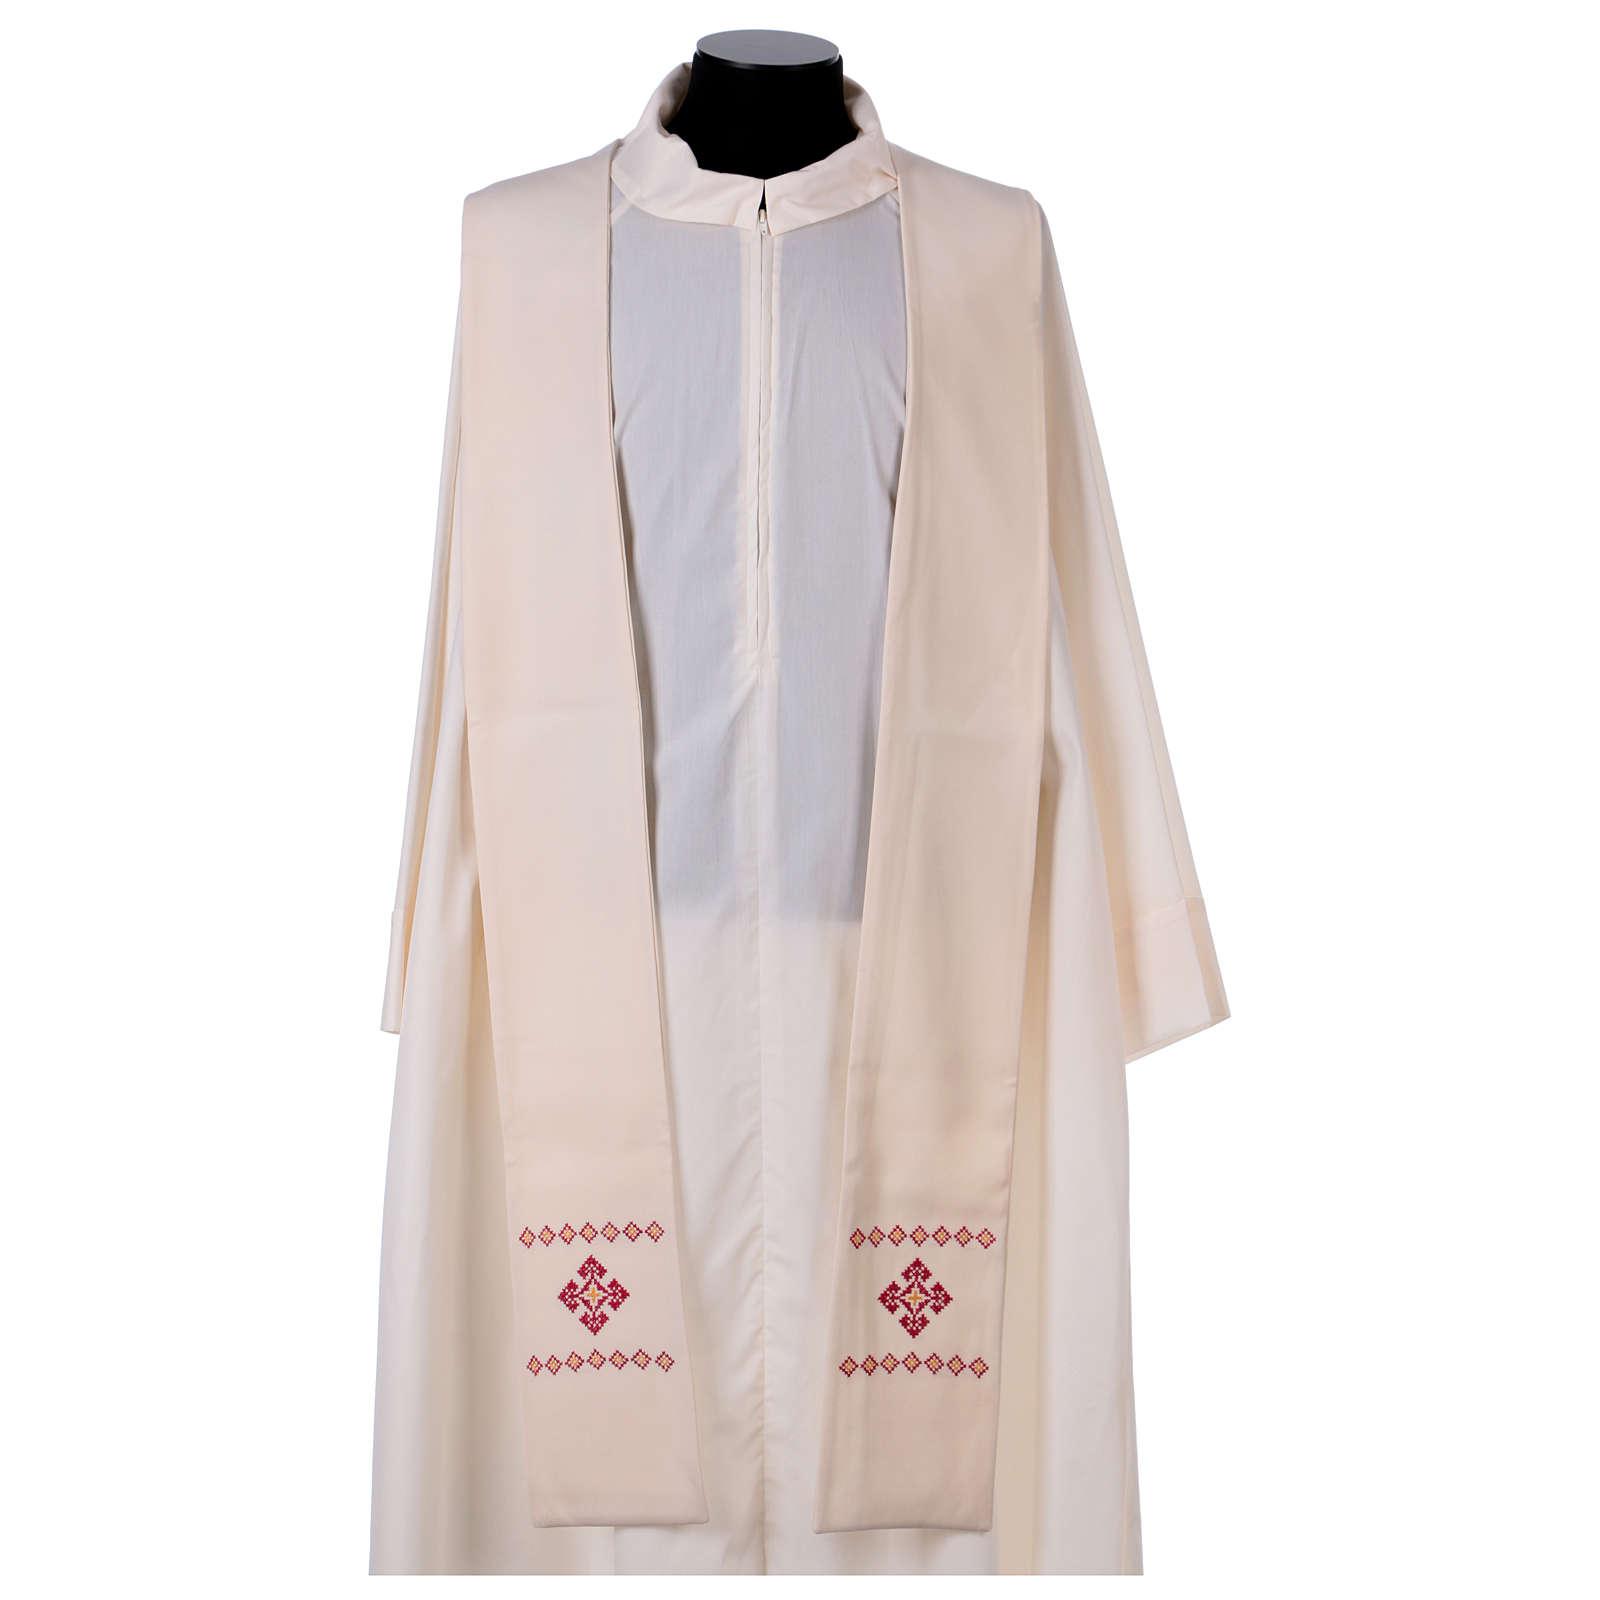 Stola sacerdotale in lana ricamata a mano Monastero Montesole 4